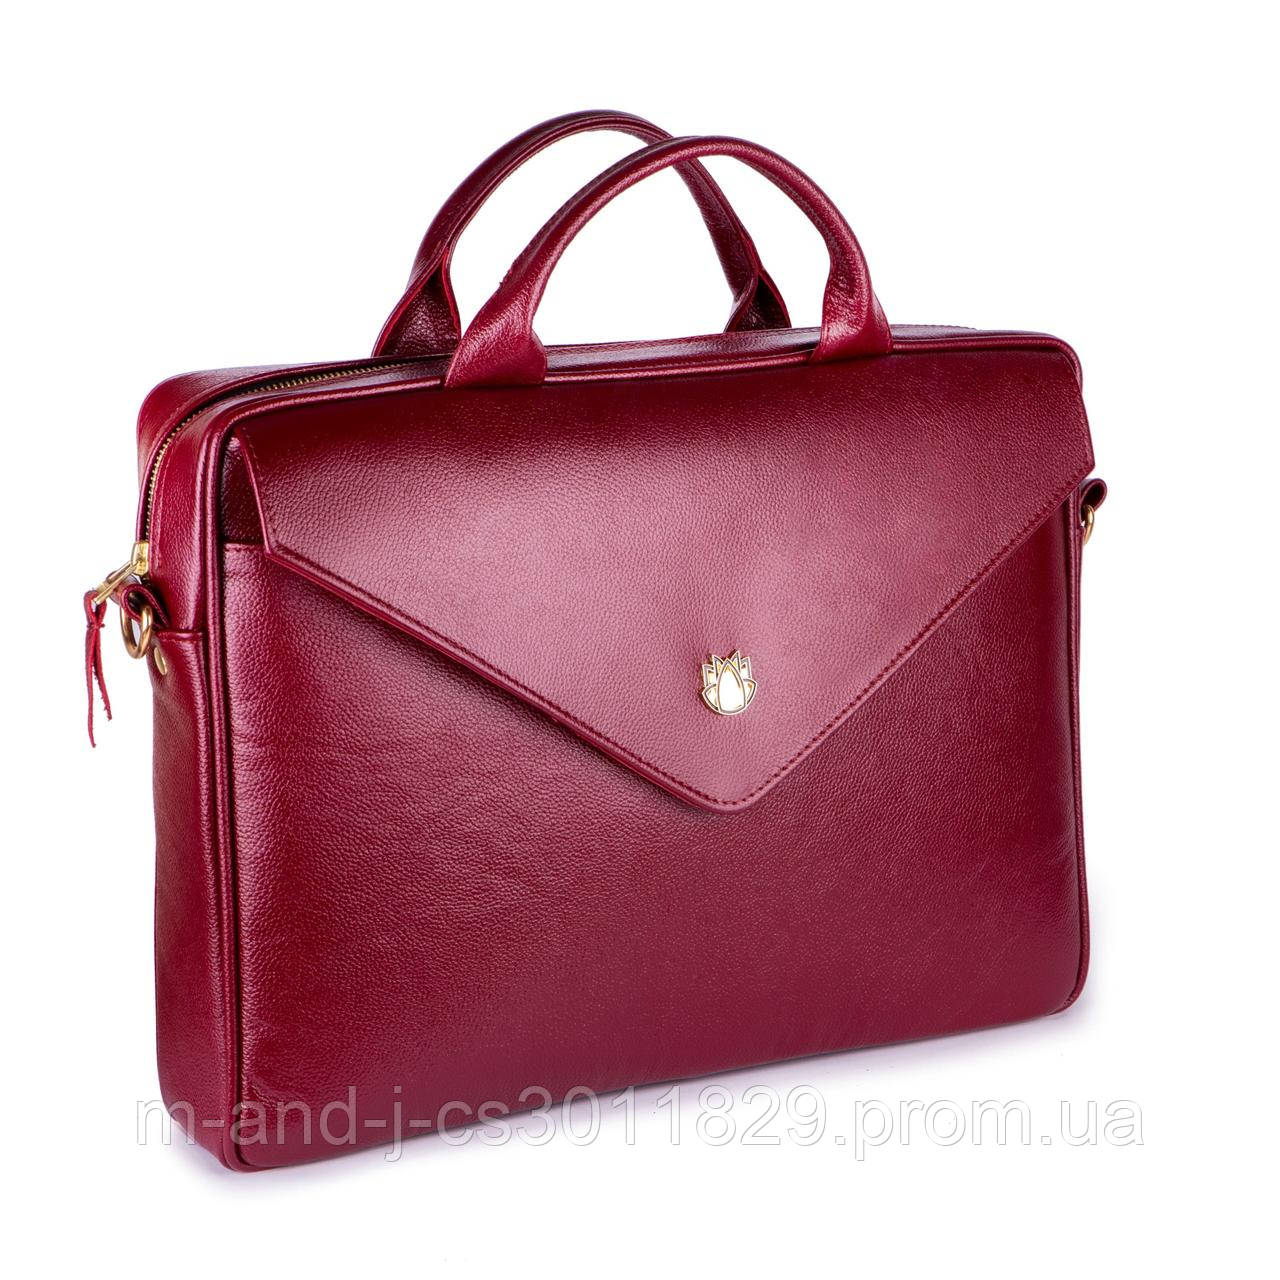 1e68a3aef4be Кожаная женская сумка для ноутбука красная Felice Fl15 - Интернет-магазин  компании M&J в Харькове